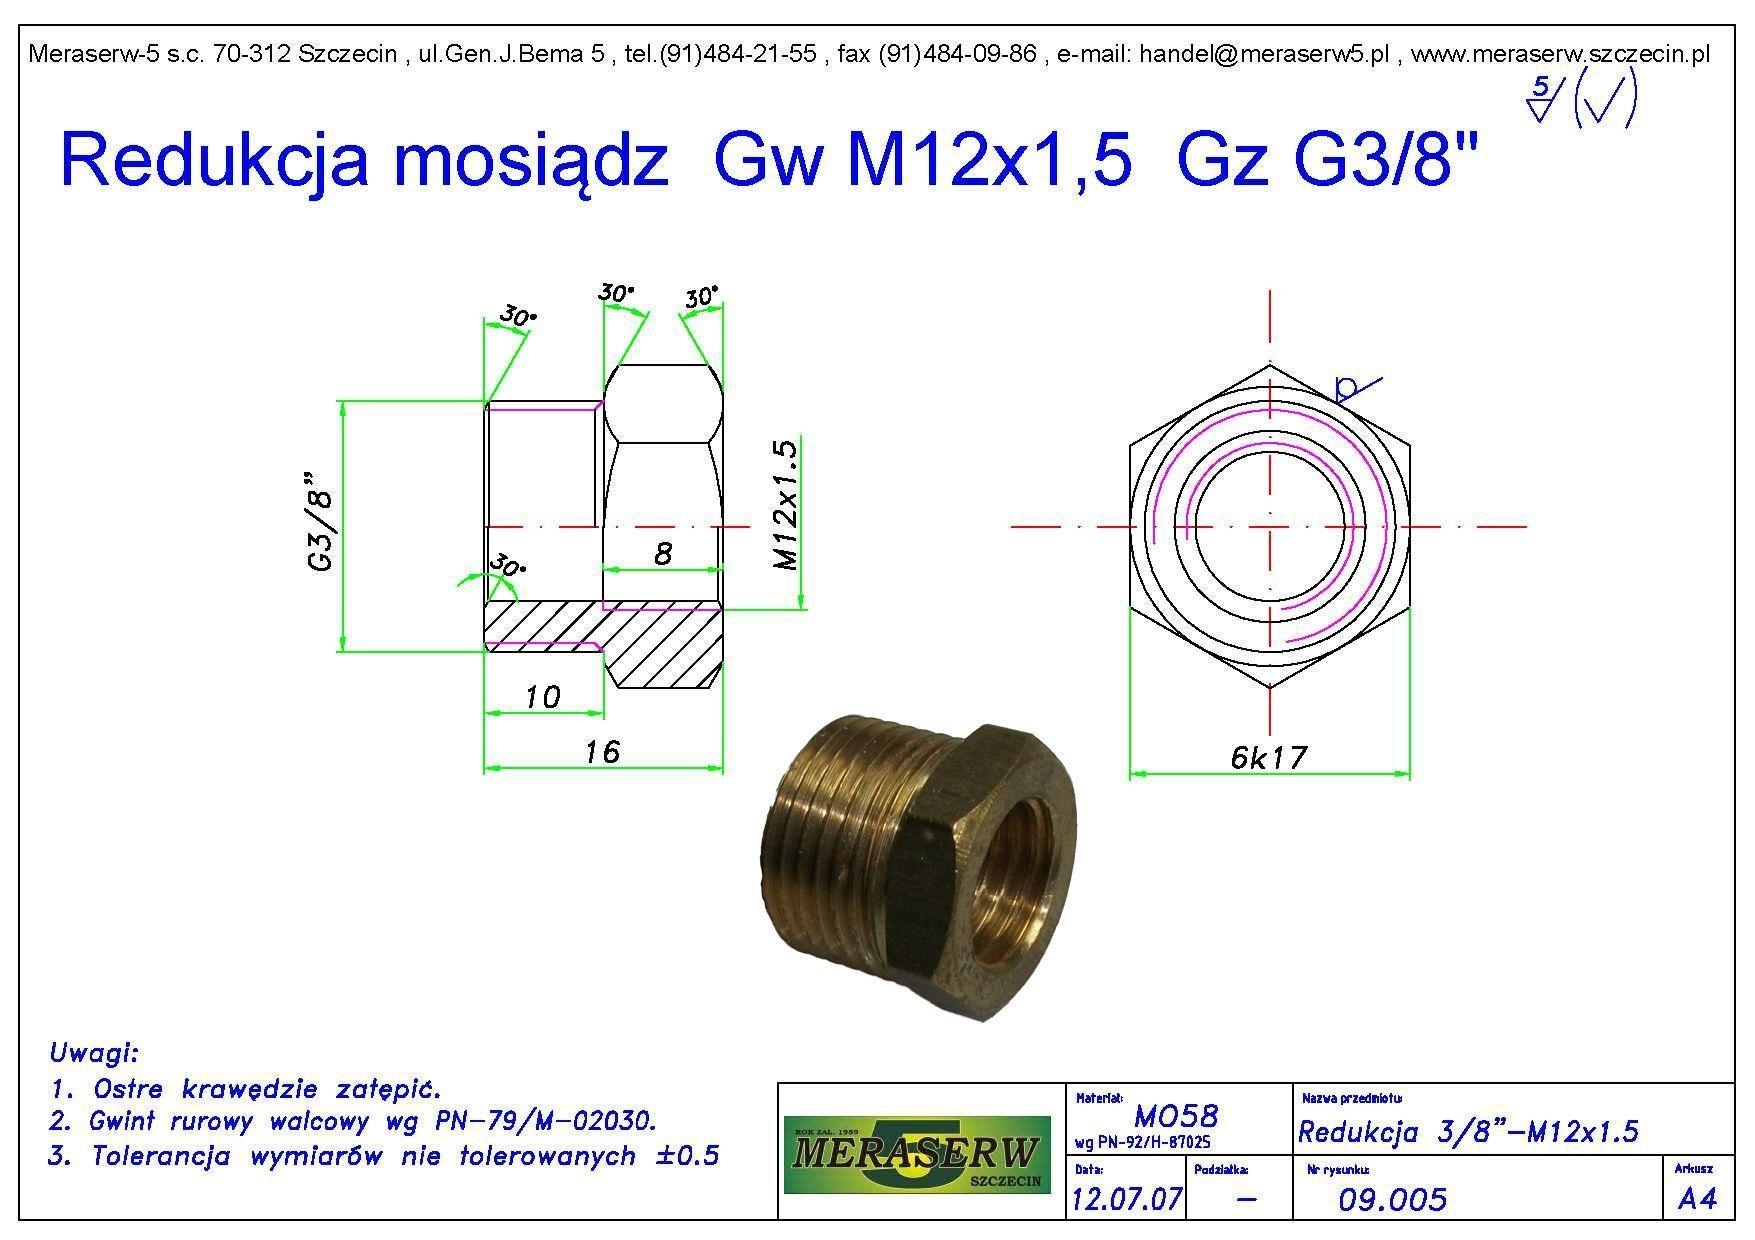 Redukcja GwM12 Gz38